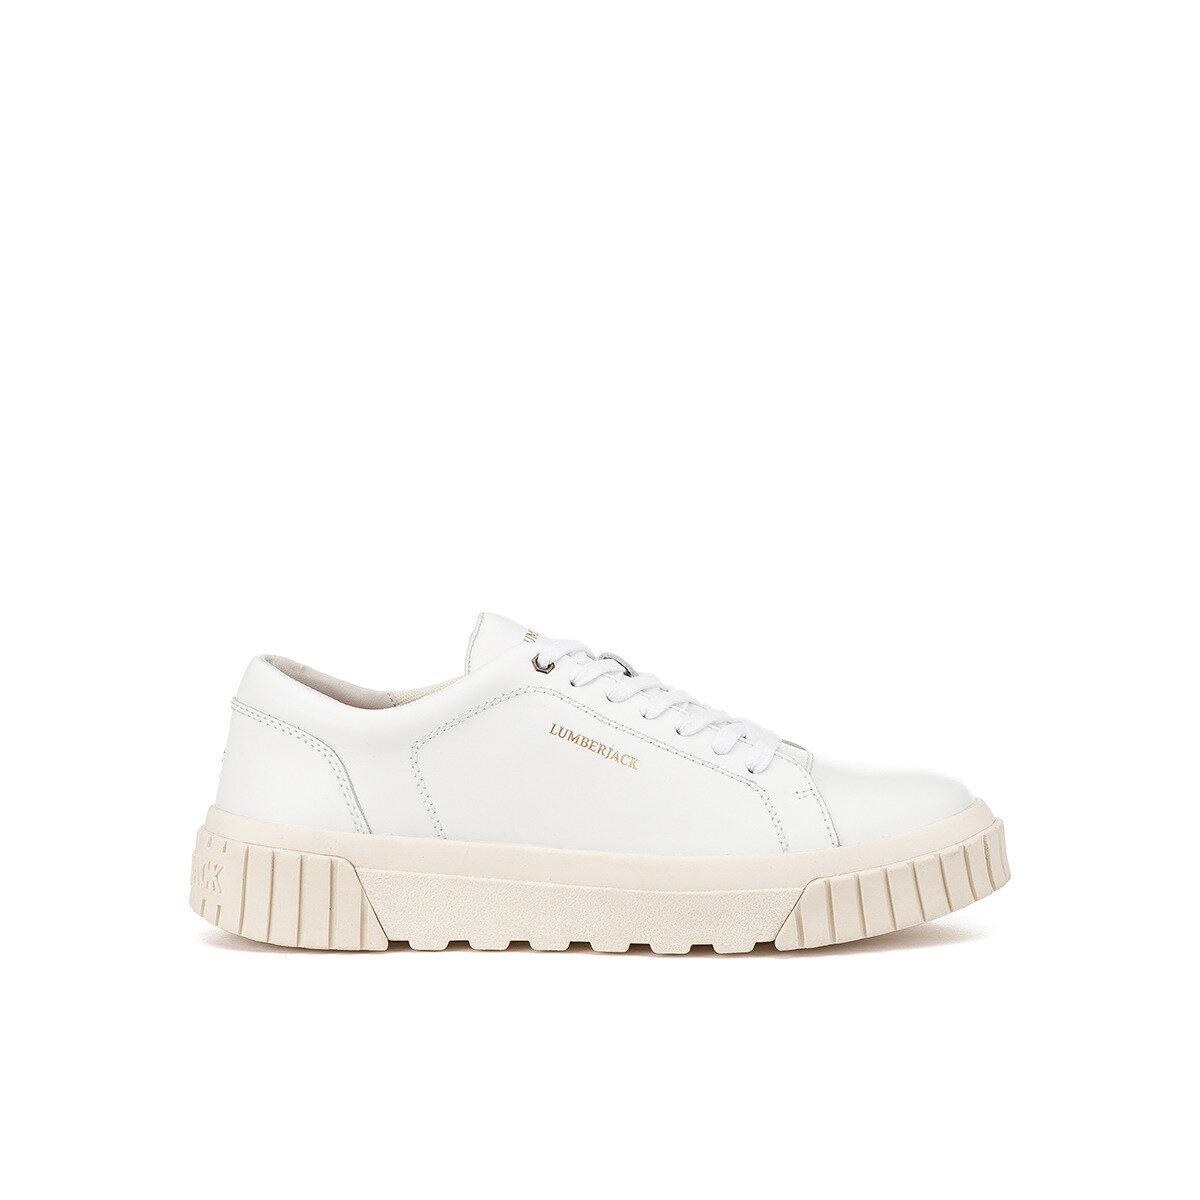 MOSKOW Sneakers Uomo